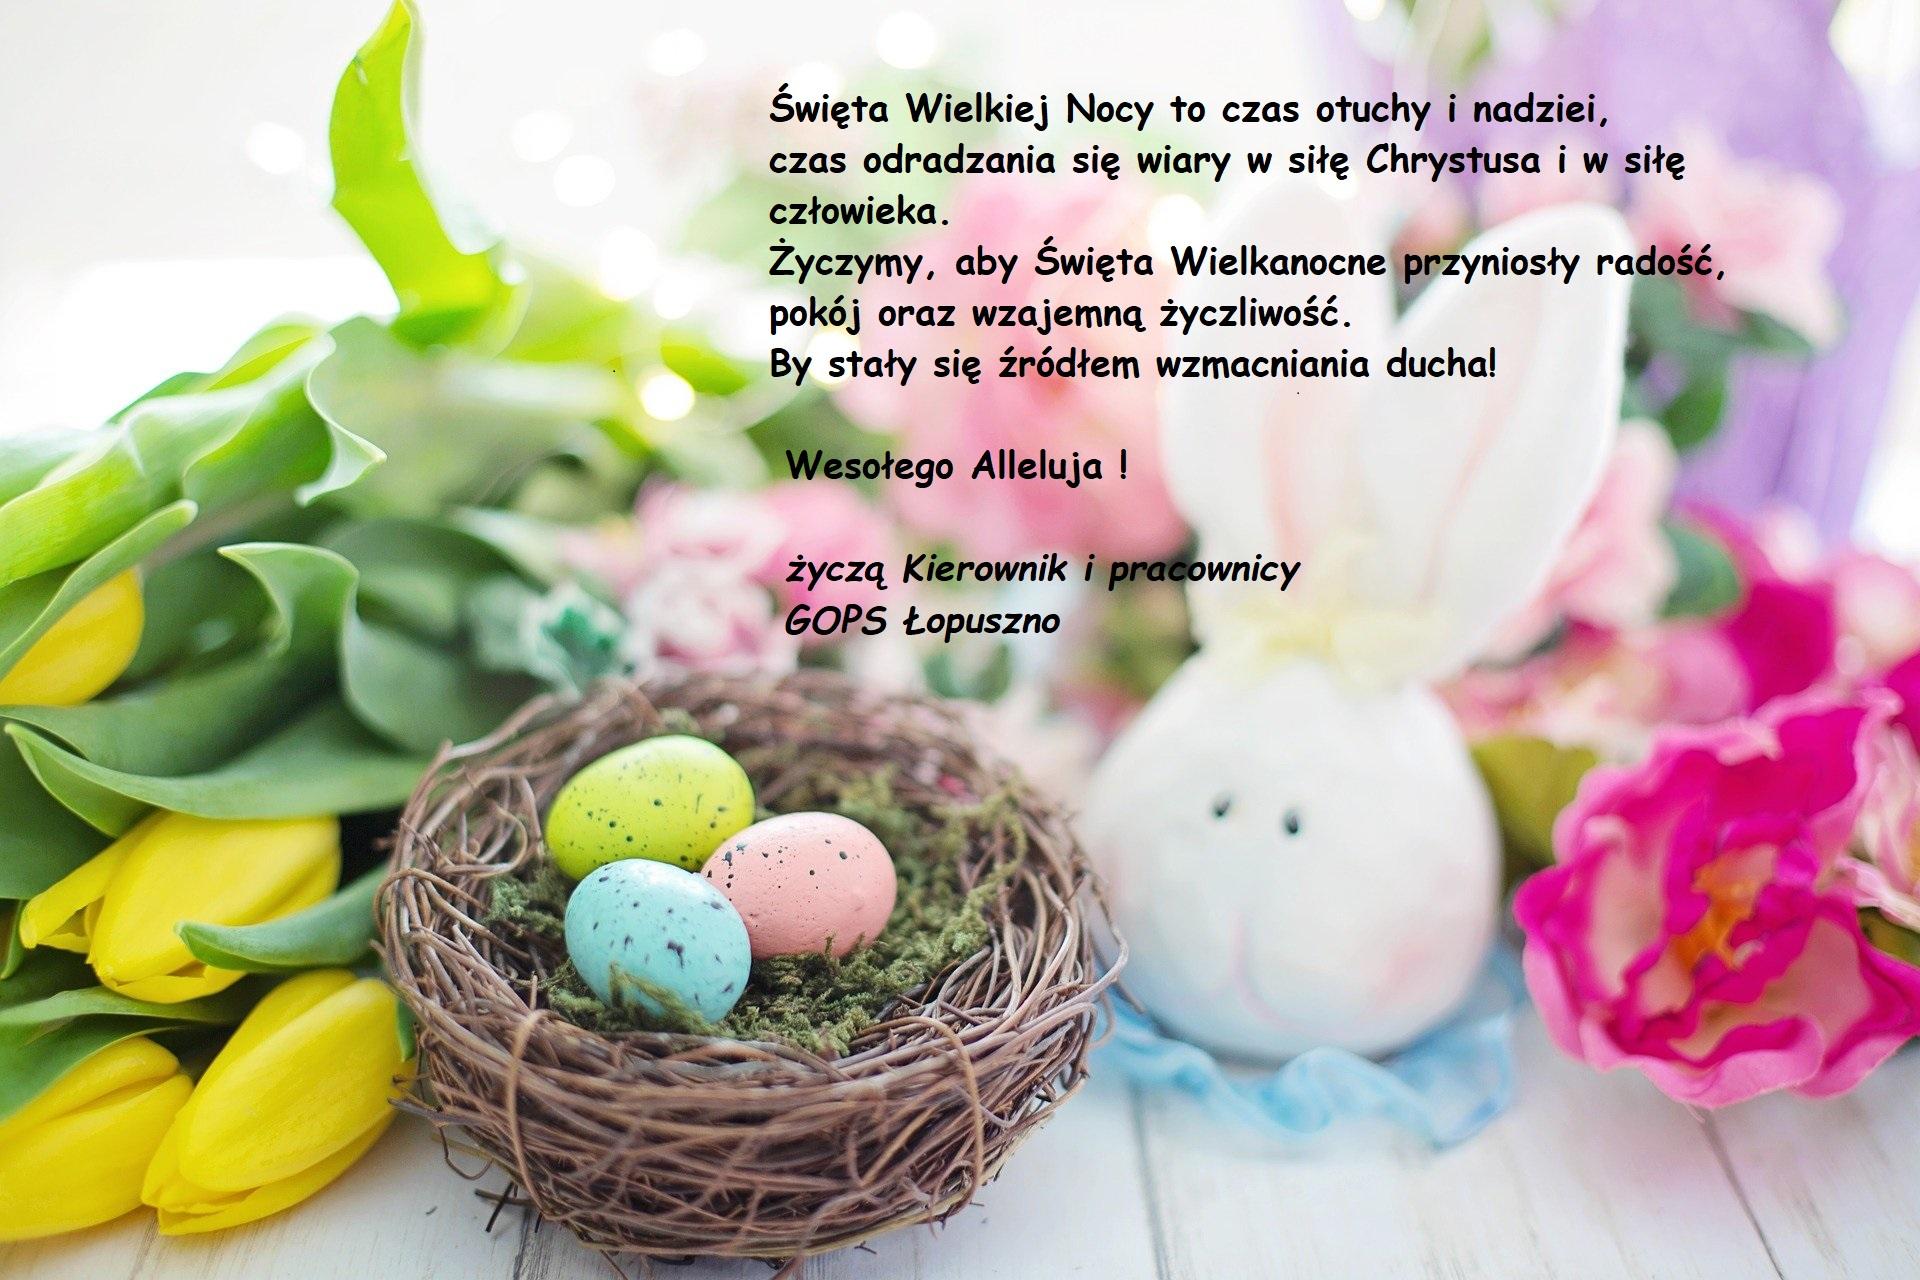 Wesołego Alleluja !!!, Gminny Ośrodek Pomocy Społecznej w Łopusznie